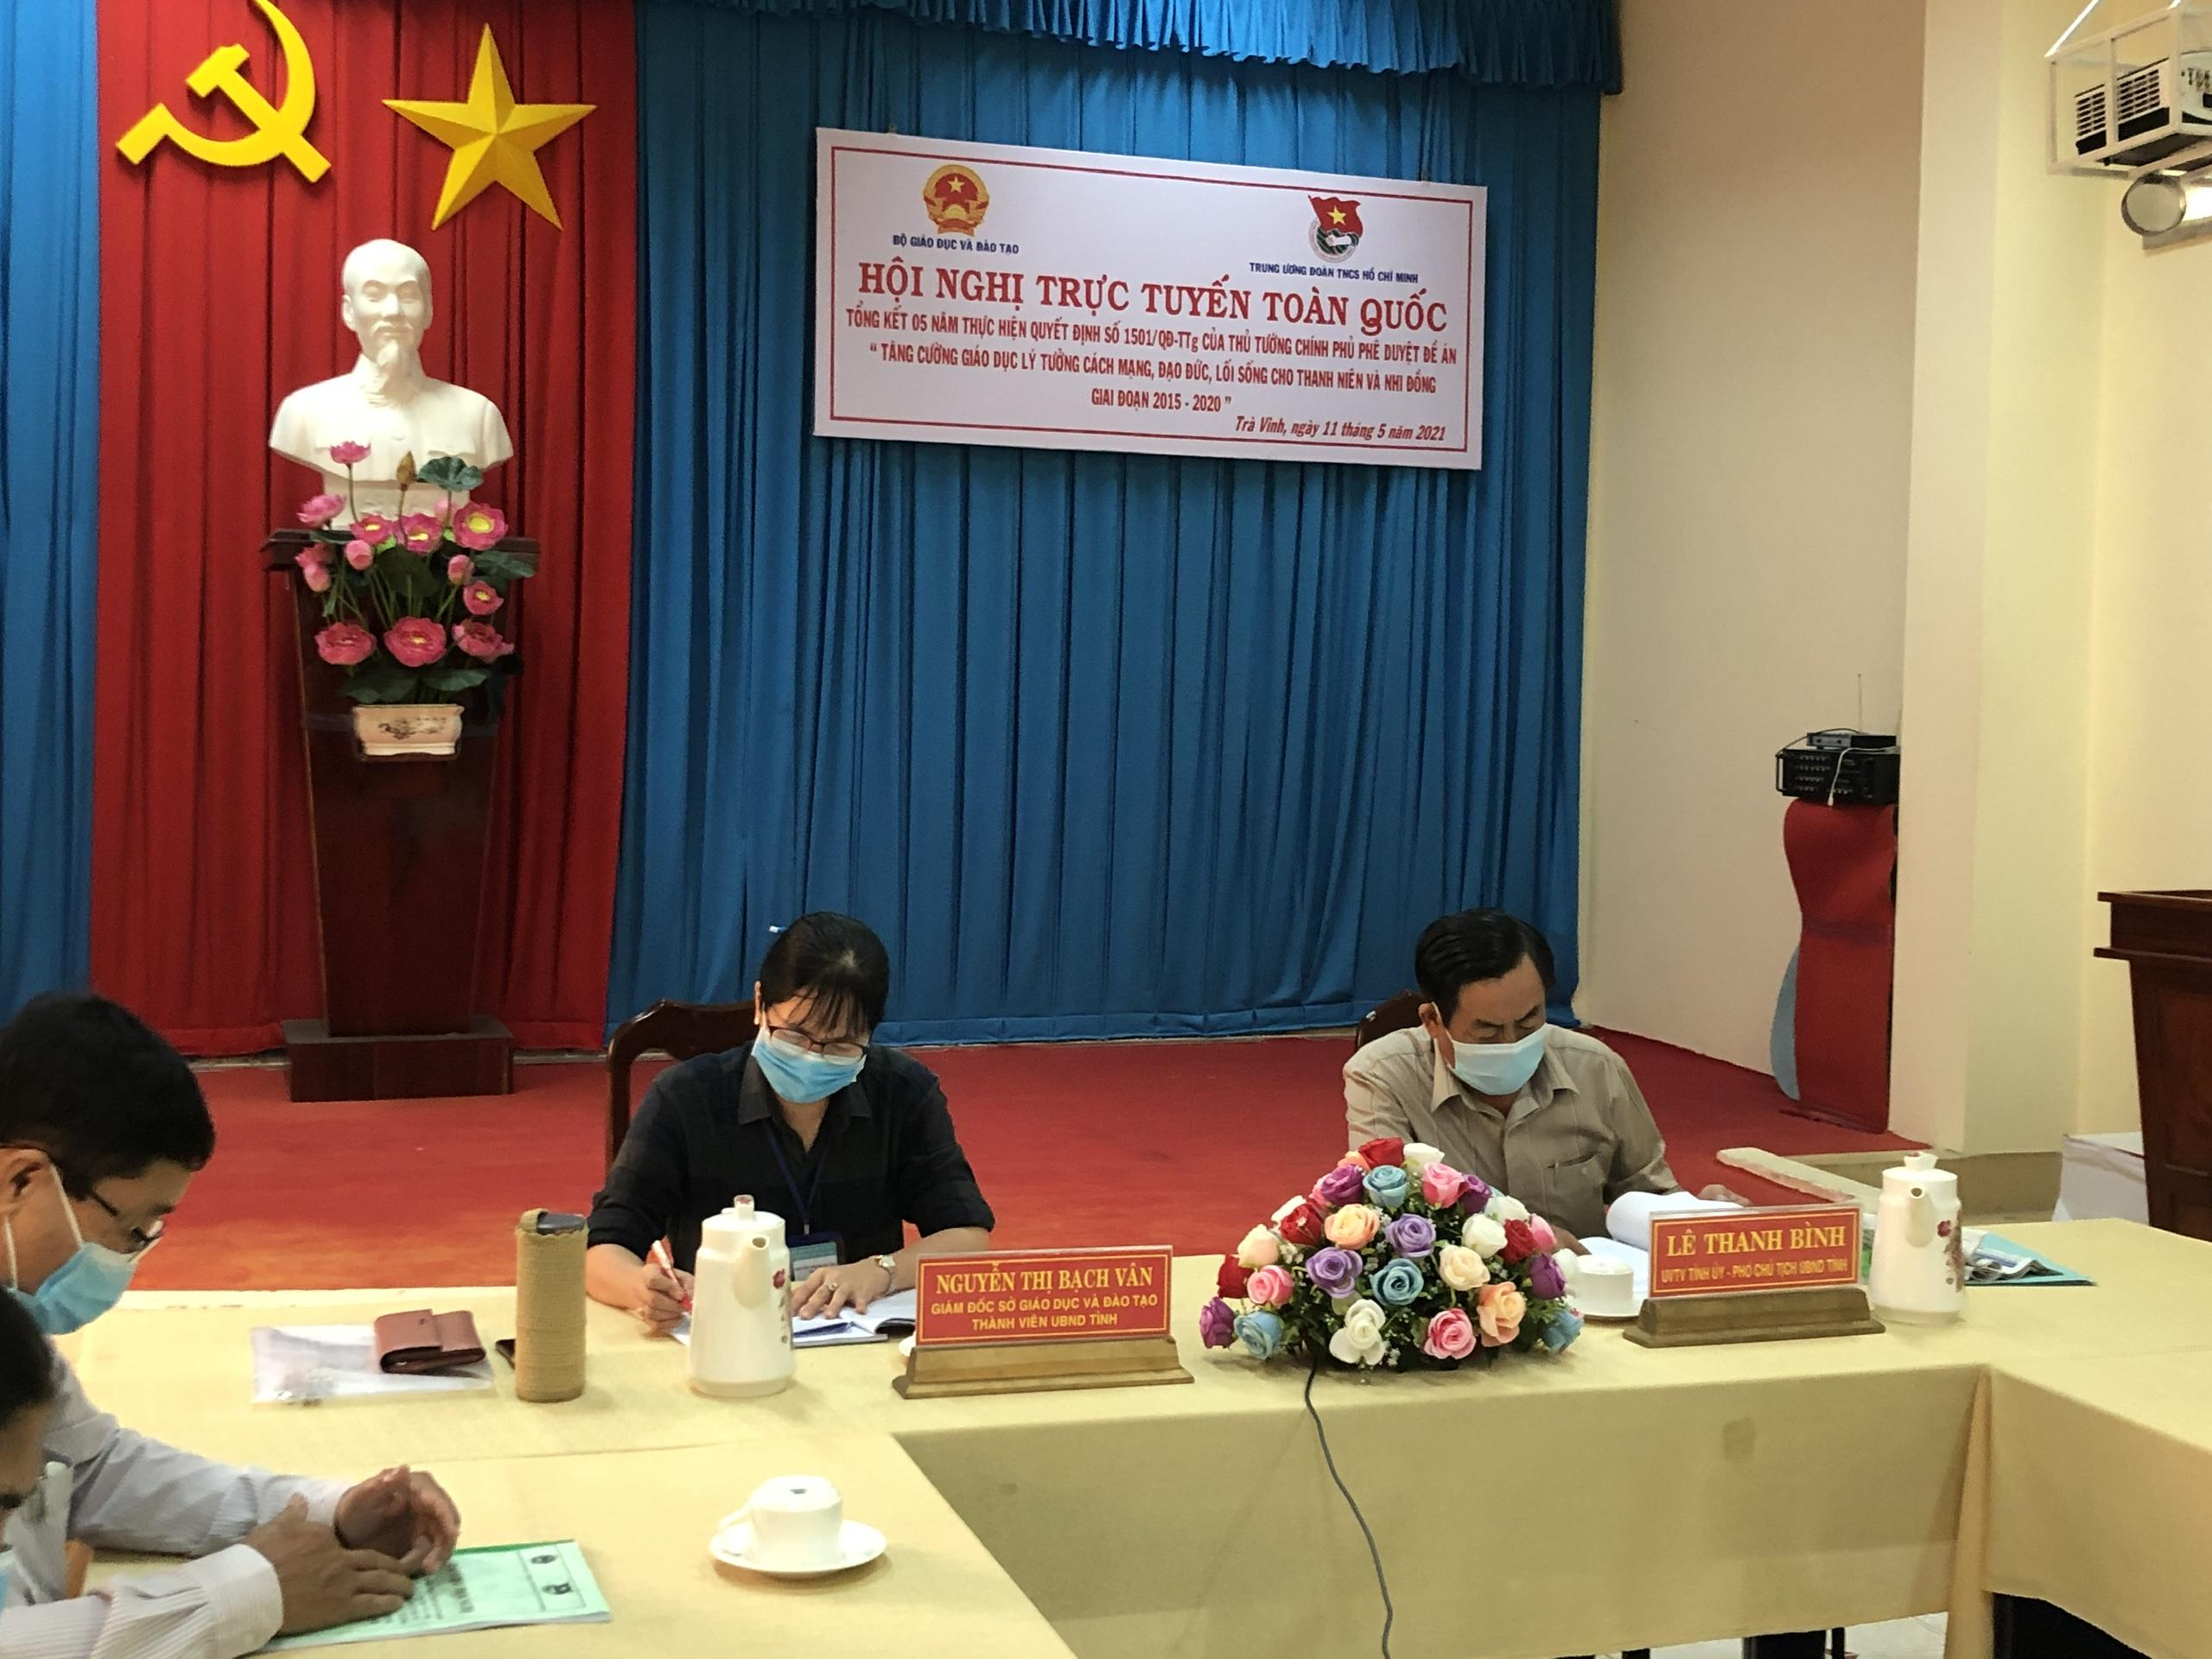 Hội nghị tổng kết 5 năm triển khai Quyết định 1501/QĐ-TTg của Thủ tướng Chính phủ.